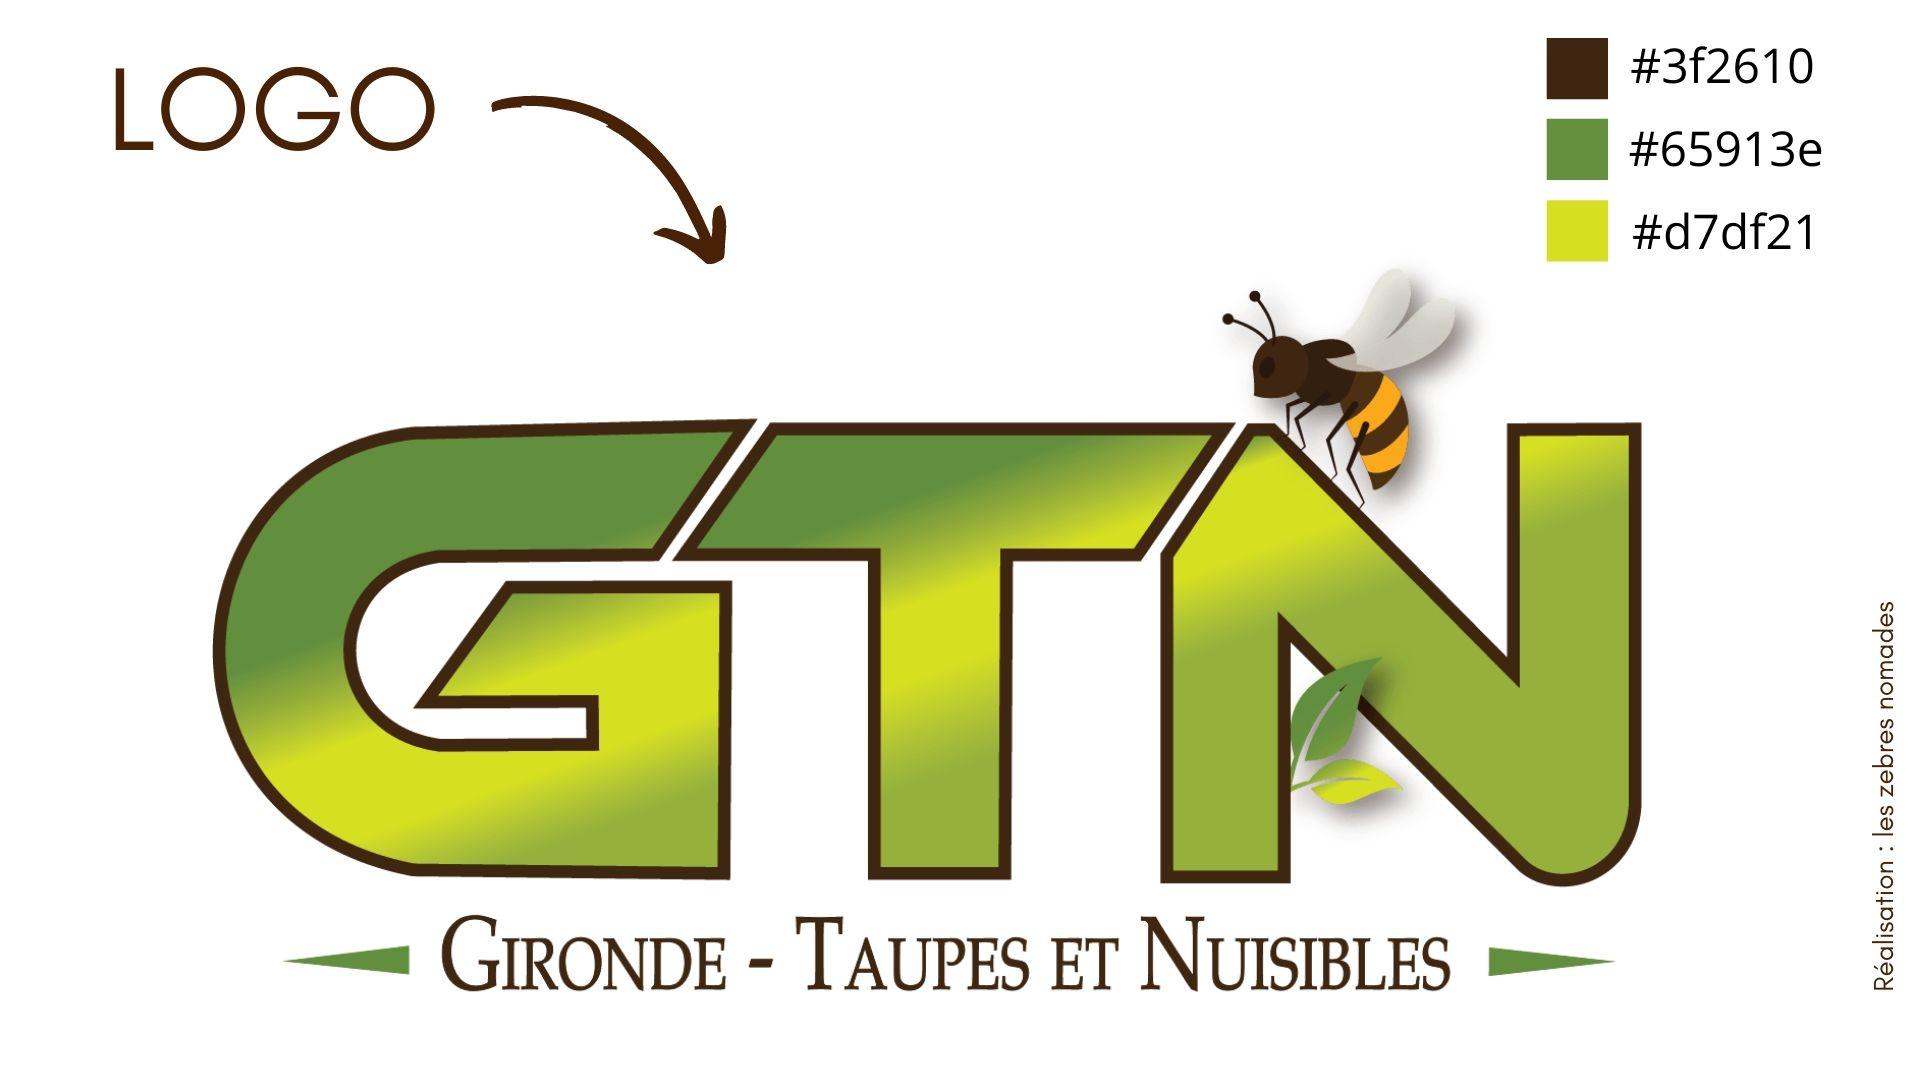 GTN Gironde Taupes et Nuisibles logo créer par les zebres nomades